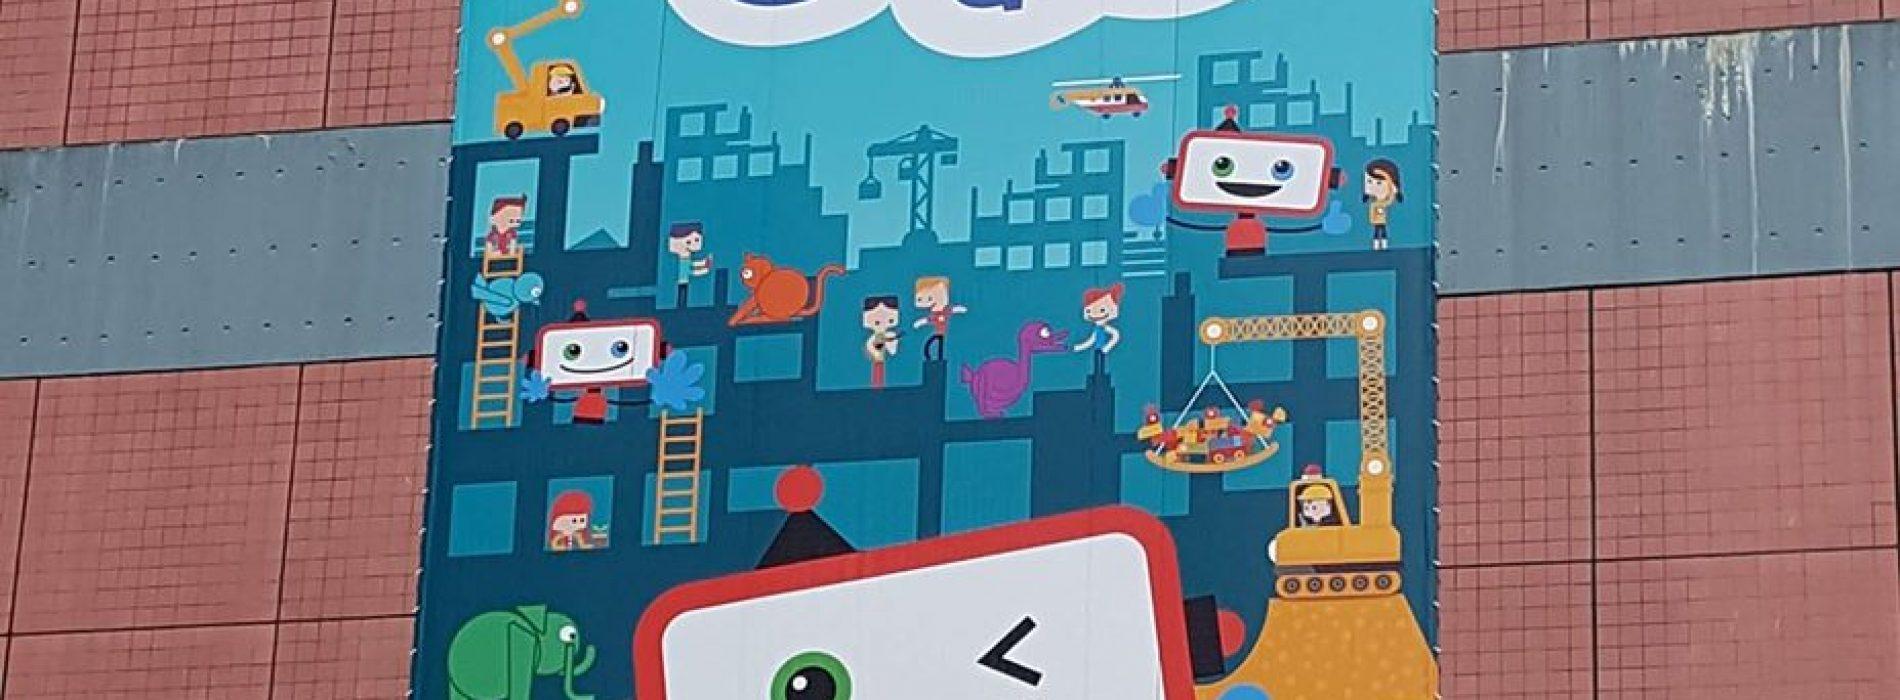 香港科學館「兒童天地」將於2017年4月7日跟大家見面![4月7日見]